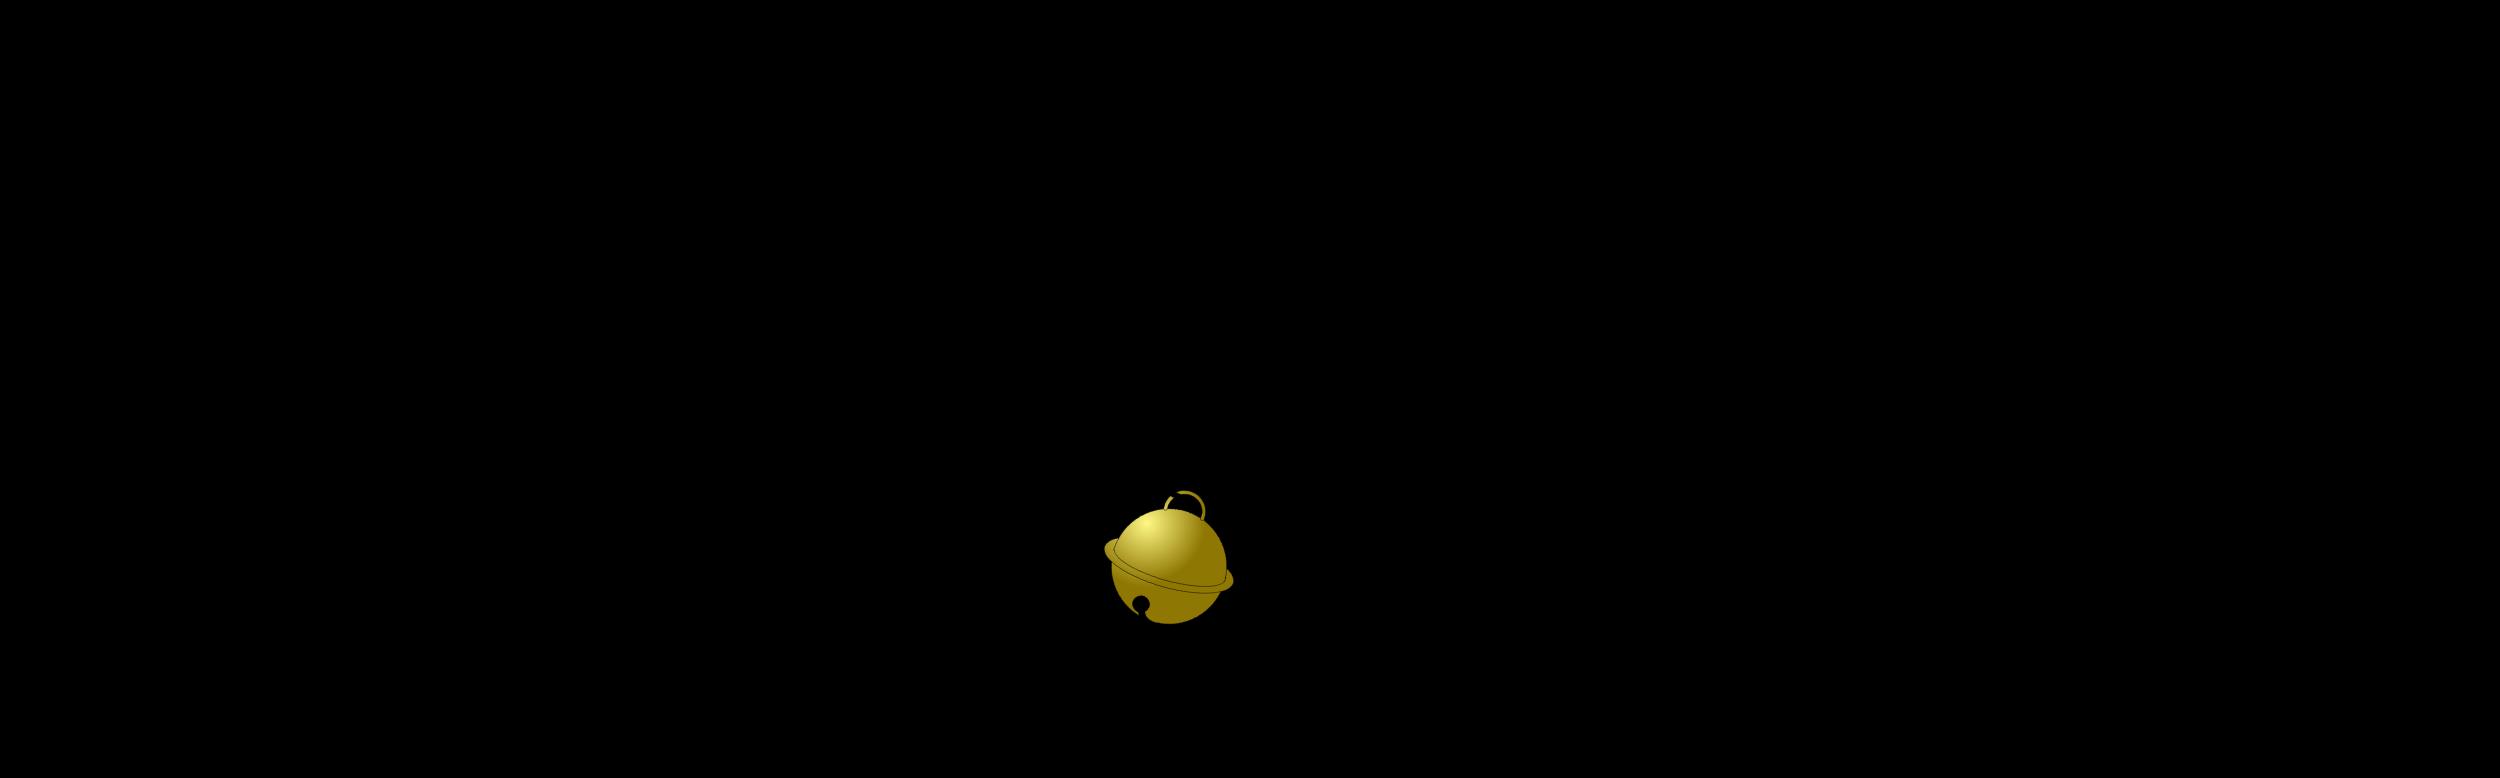 KlimperGloeckchen